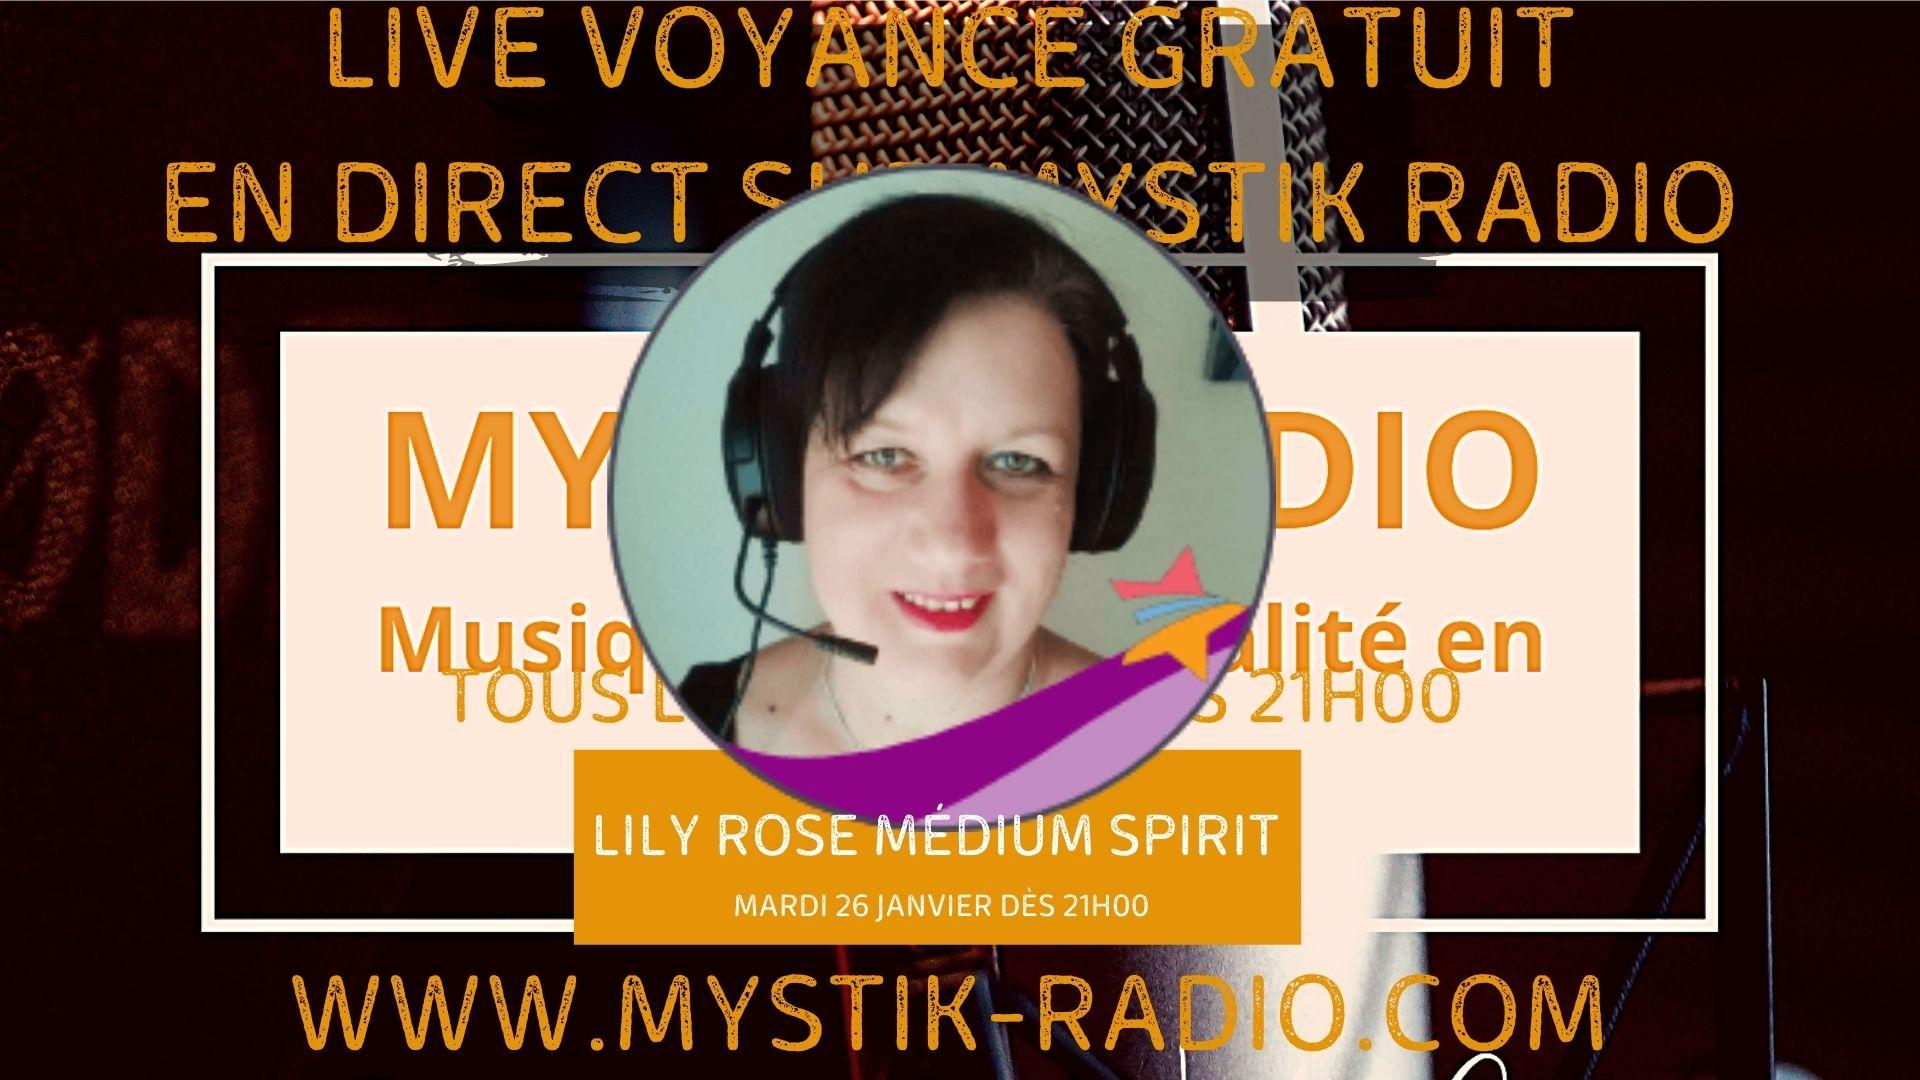 Lily Rose médium spirit et magnétiseuse en live voyance gratuite sur Mystik Radio / Infinità Corse Voyance